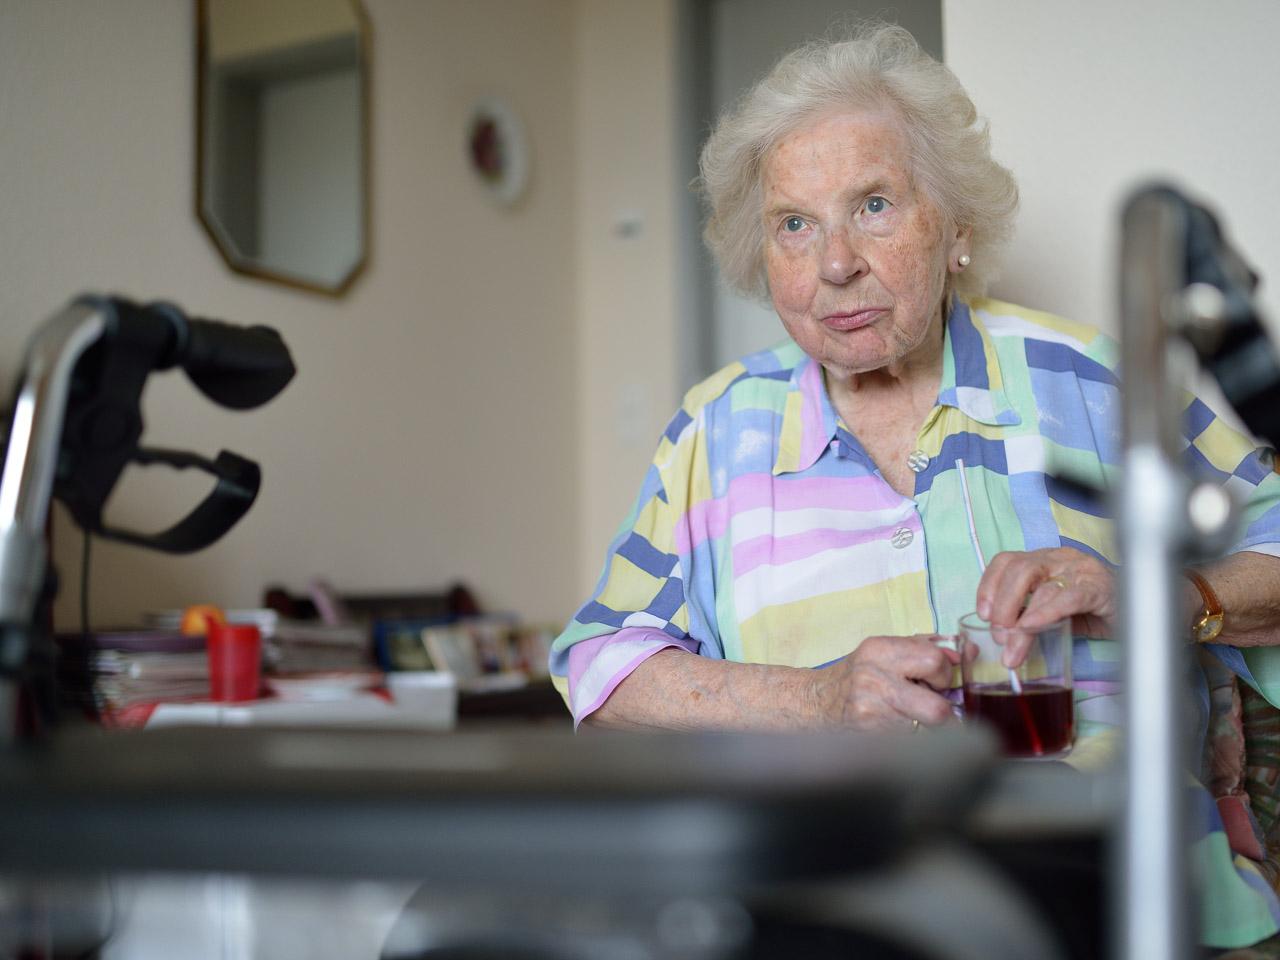 Diagnose Parkinson-Demenz: Lilli W. in ihrem Zimmer im Senioren- und Therapiezentrum Lotti-Huber-Haus in Kiel im August 2016.